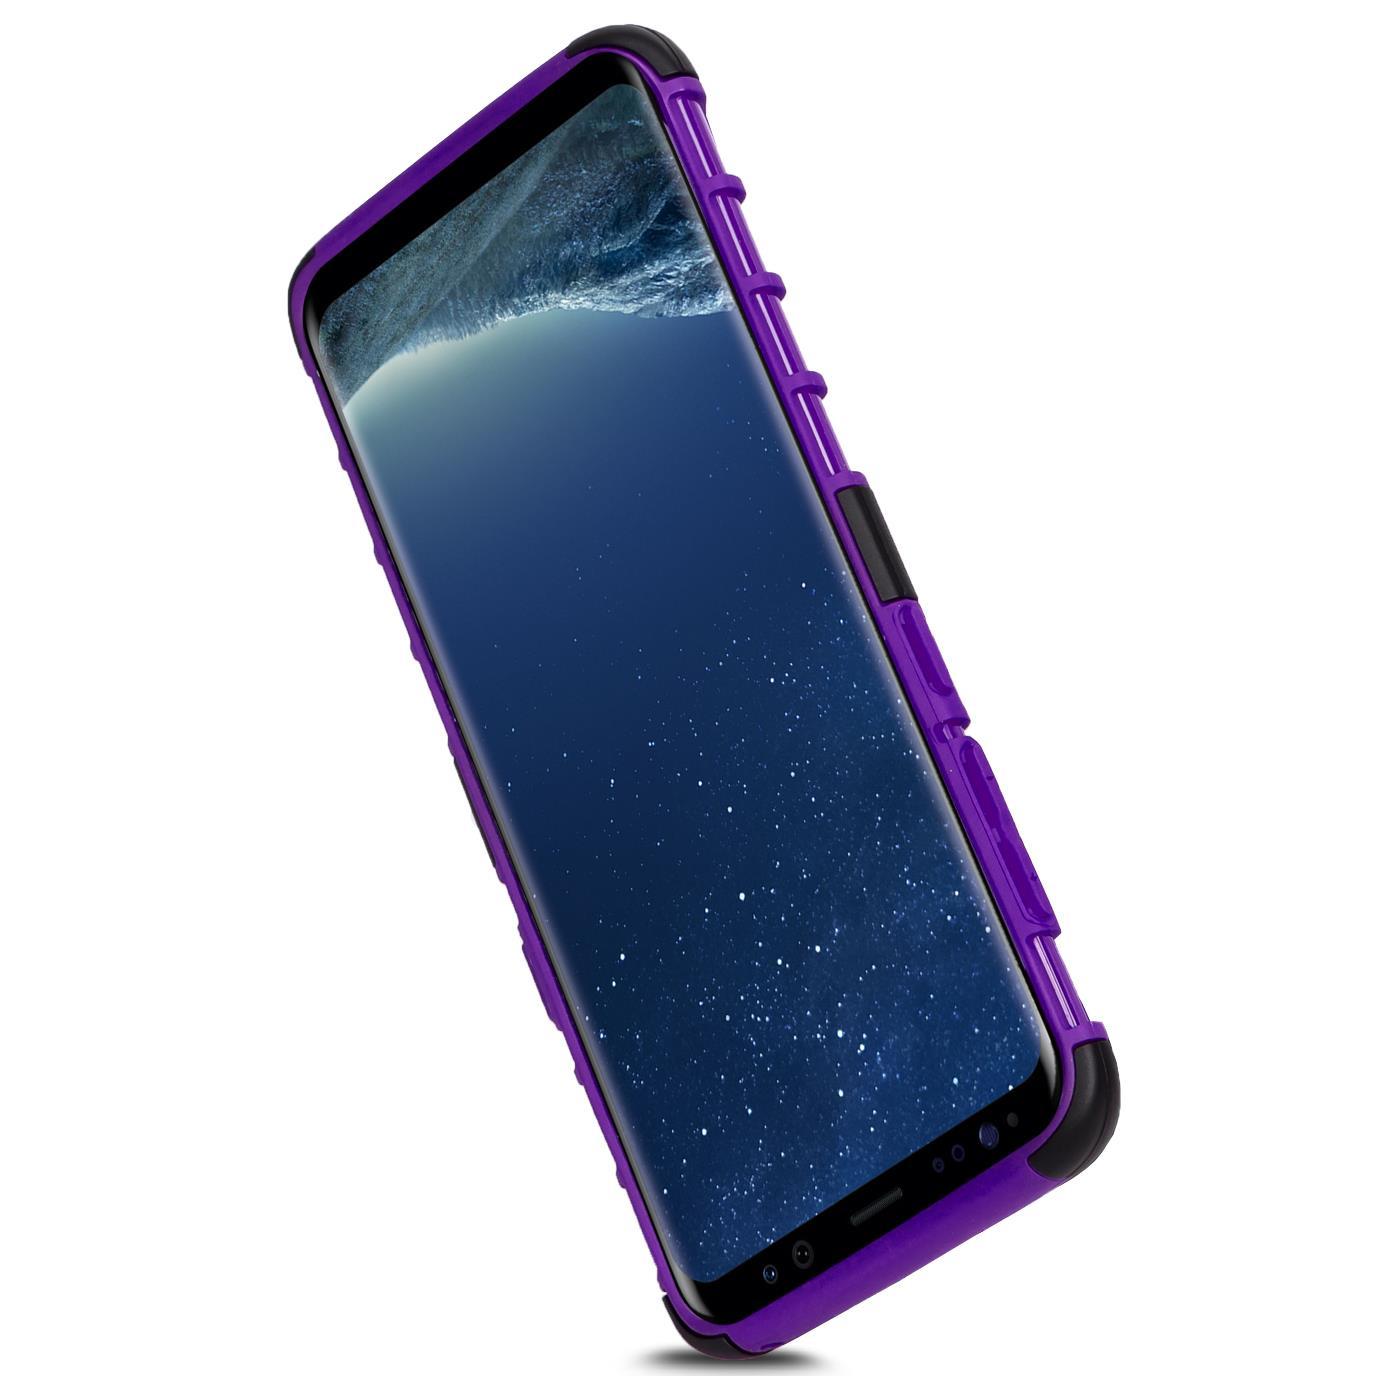 Samsung-Huelle-Hybrid-Panzer-Schutzhuelle-Handy-Schutz-Case-Ruestung-Cover-Tasche Indexbild 17